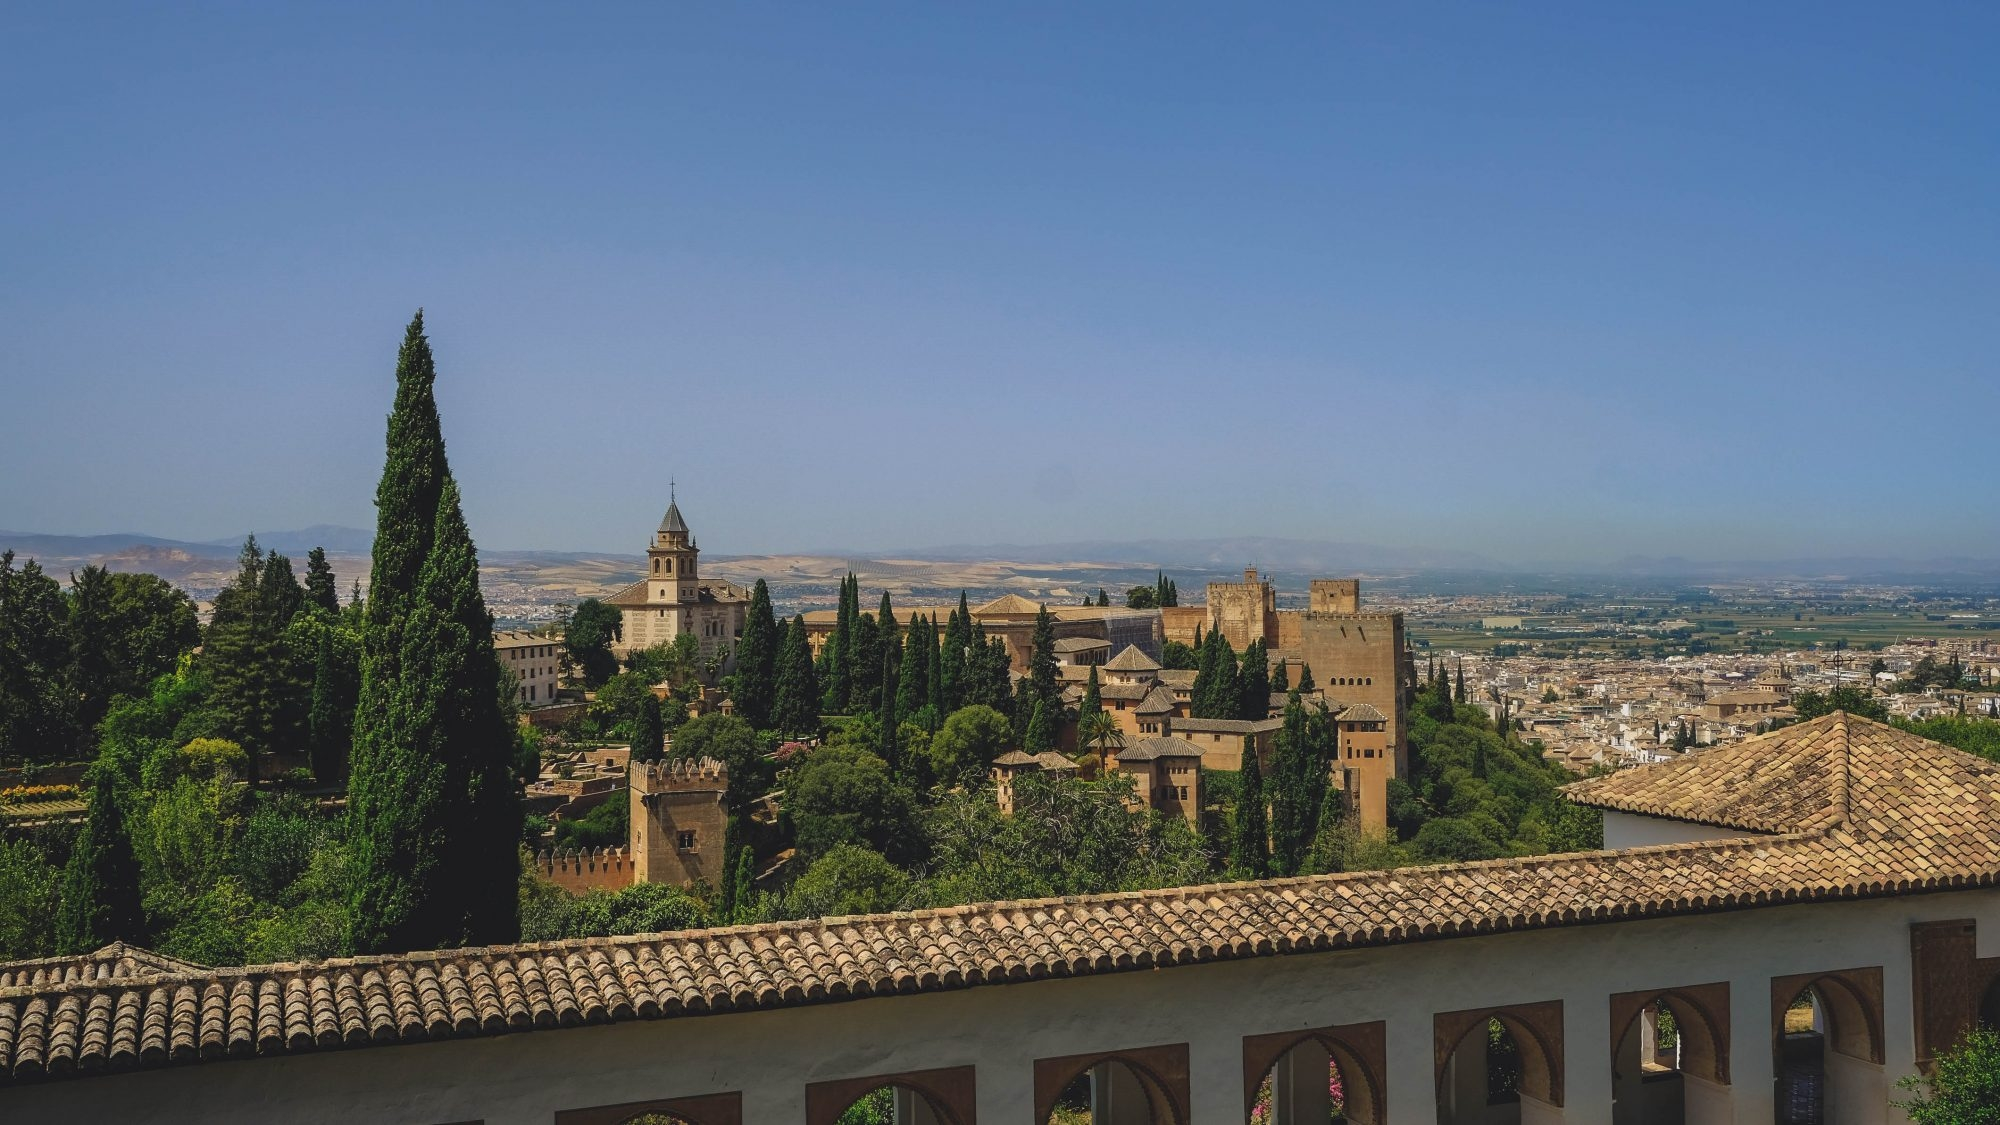 Vue du Generalife - Alhambra de Grenade